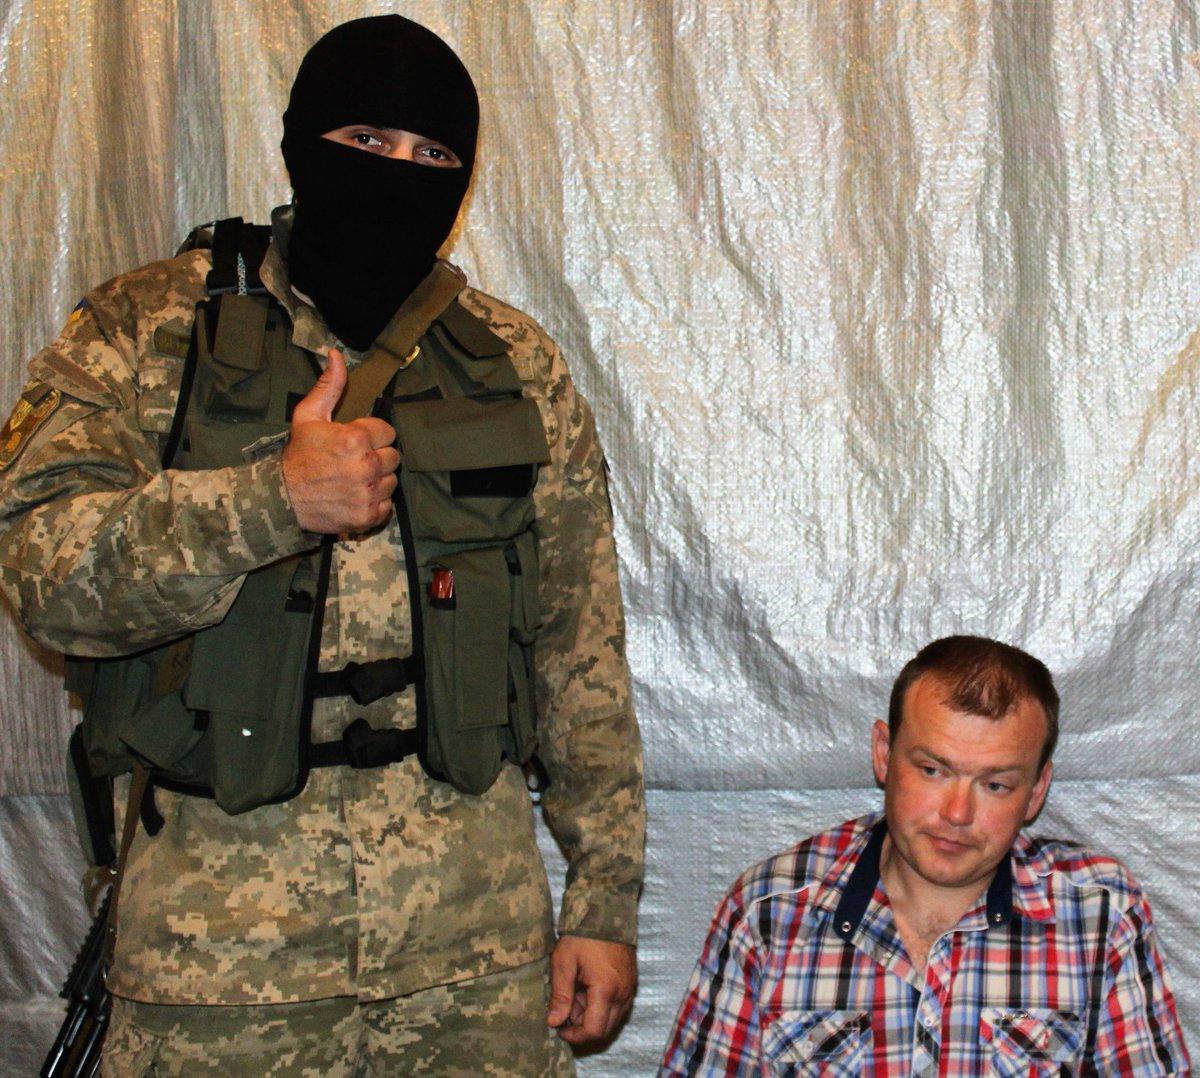 Стороны рассмотрели модальности размещения миротворцев на Донбассе, - Порошенко провел встречу с главой МИД Литвы Линкявичусом - Цензор.НЕТ 2282